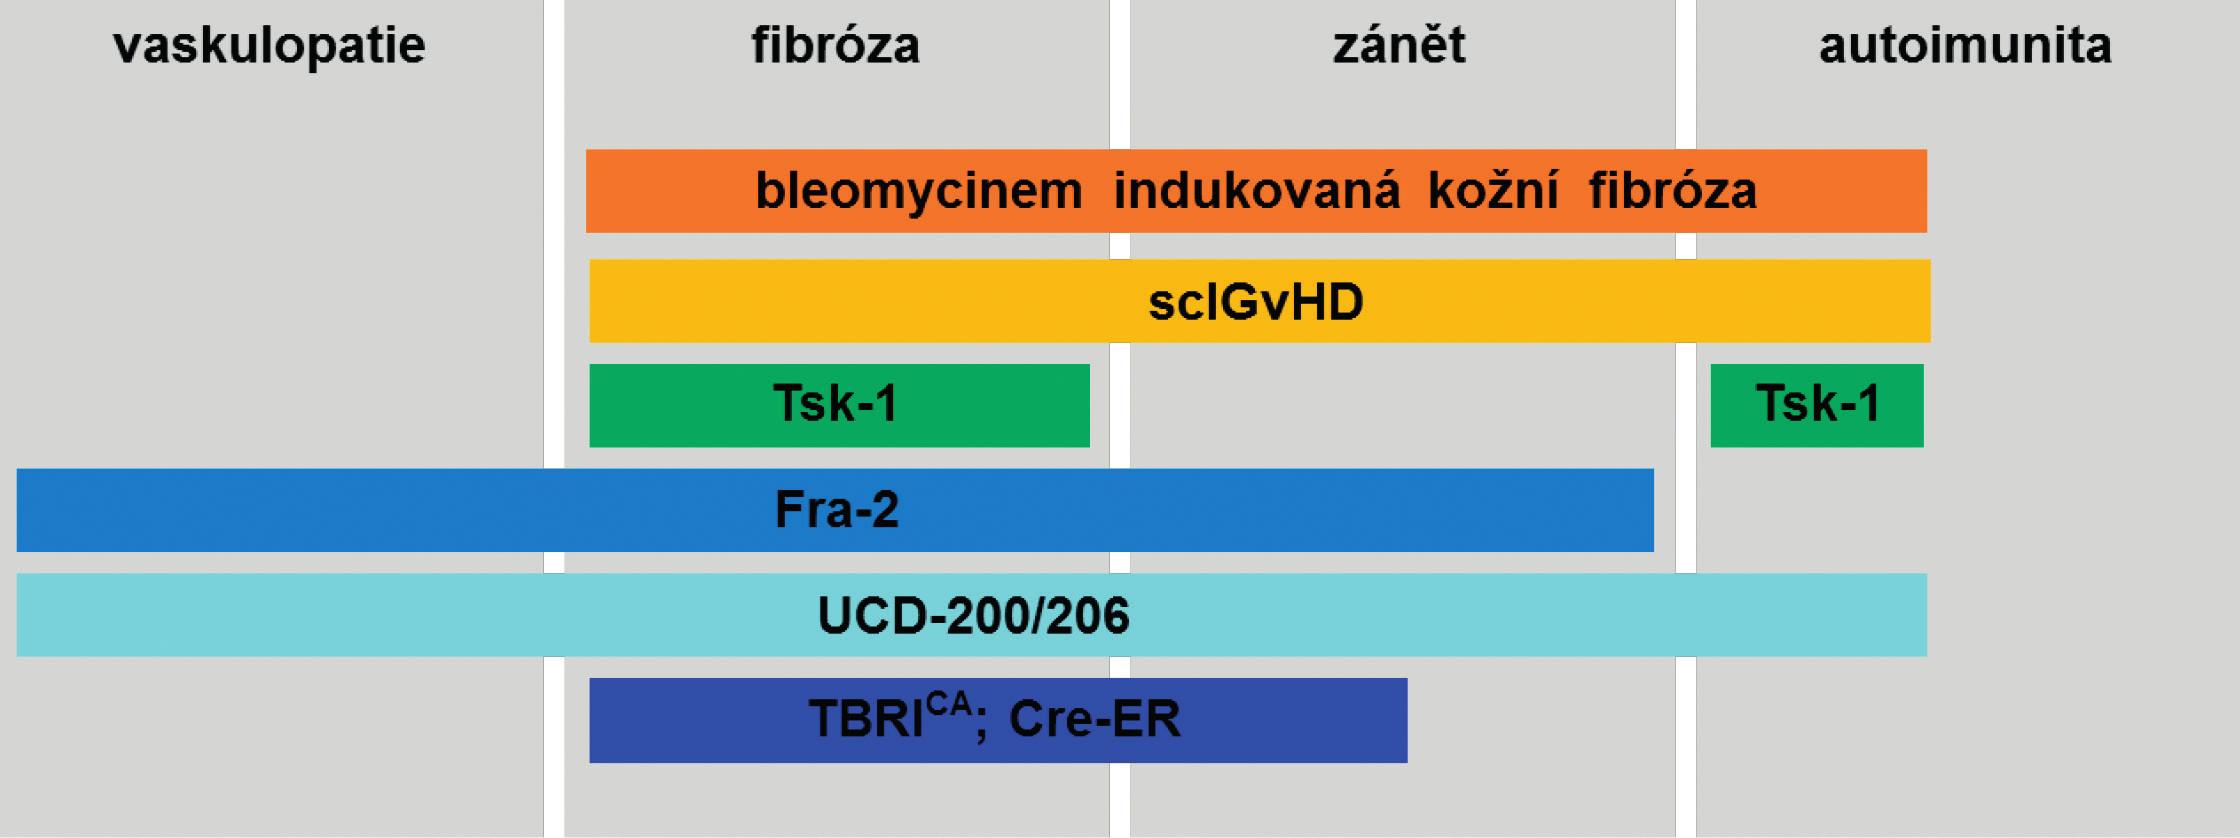 Přehled nejpoužívanějších zvířecích modelů SSc a zastoupení patogenetických mechanismů charakteristických pro SSc. (Upraveno podle Beyer C. et al., 2010) sclGvHD, Chronická sklerodermatózní reakce štěpu proti hostiteli; Tsk-1, Tight skin-1 myši; Fra-2, Fra-2 transgenní myši; UCD-200/206; kuřata linie UCD-200 a UCD-206; TBRICA; Cre-ER, TBRICA; Cre-ER myši